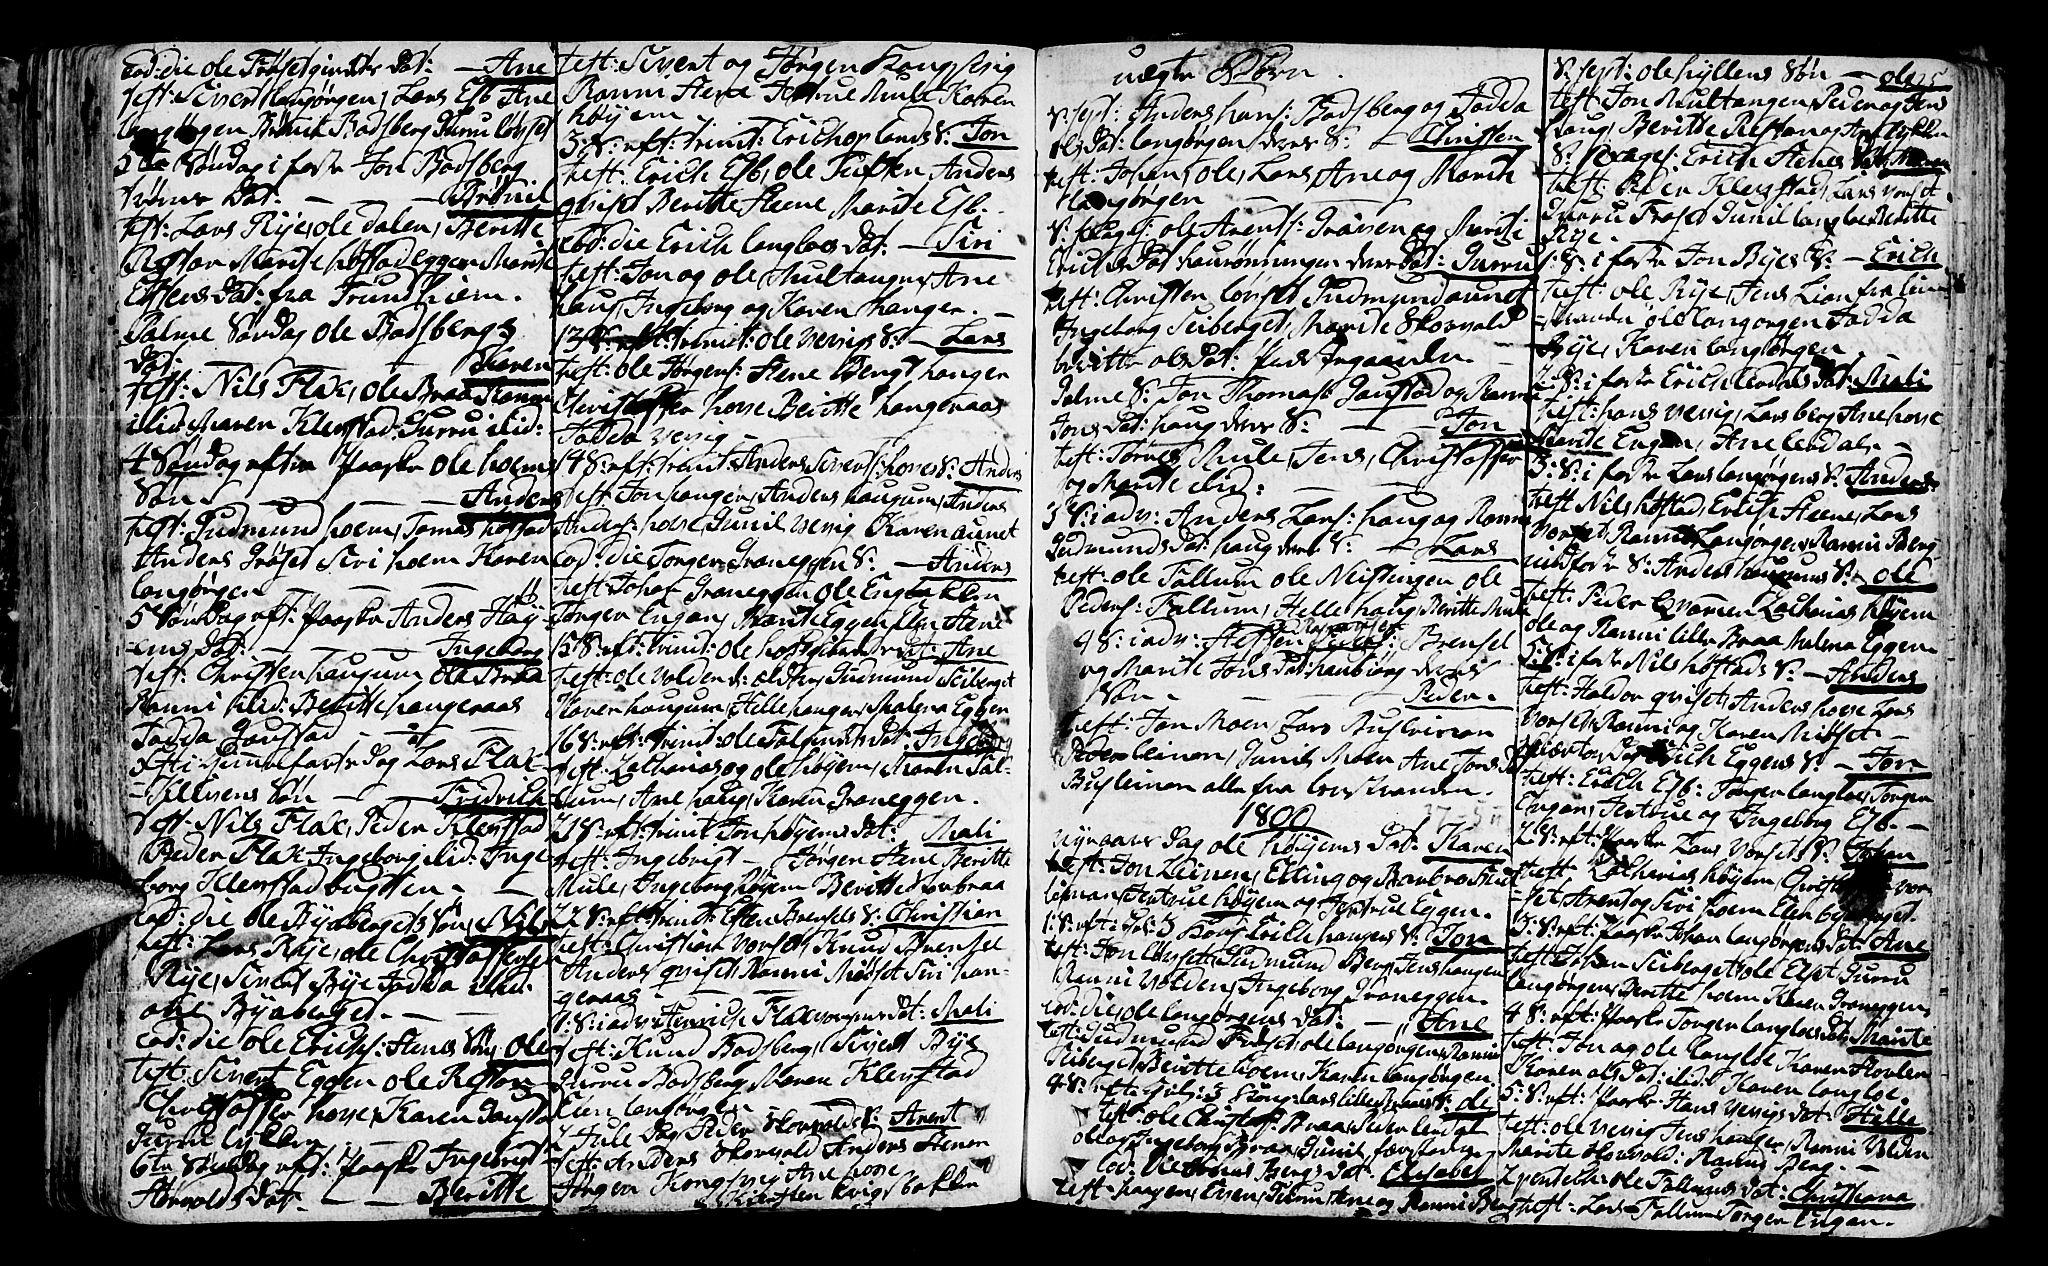 SAT, Ministerialprotokoller, klokkerbøker og fødselsregistre - Sør-Trøndelag, 612/L0370: Ministerialbok nr. 612A04, 1754-1802, s. 125